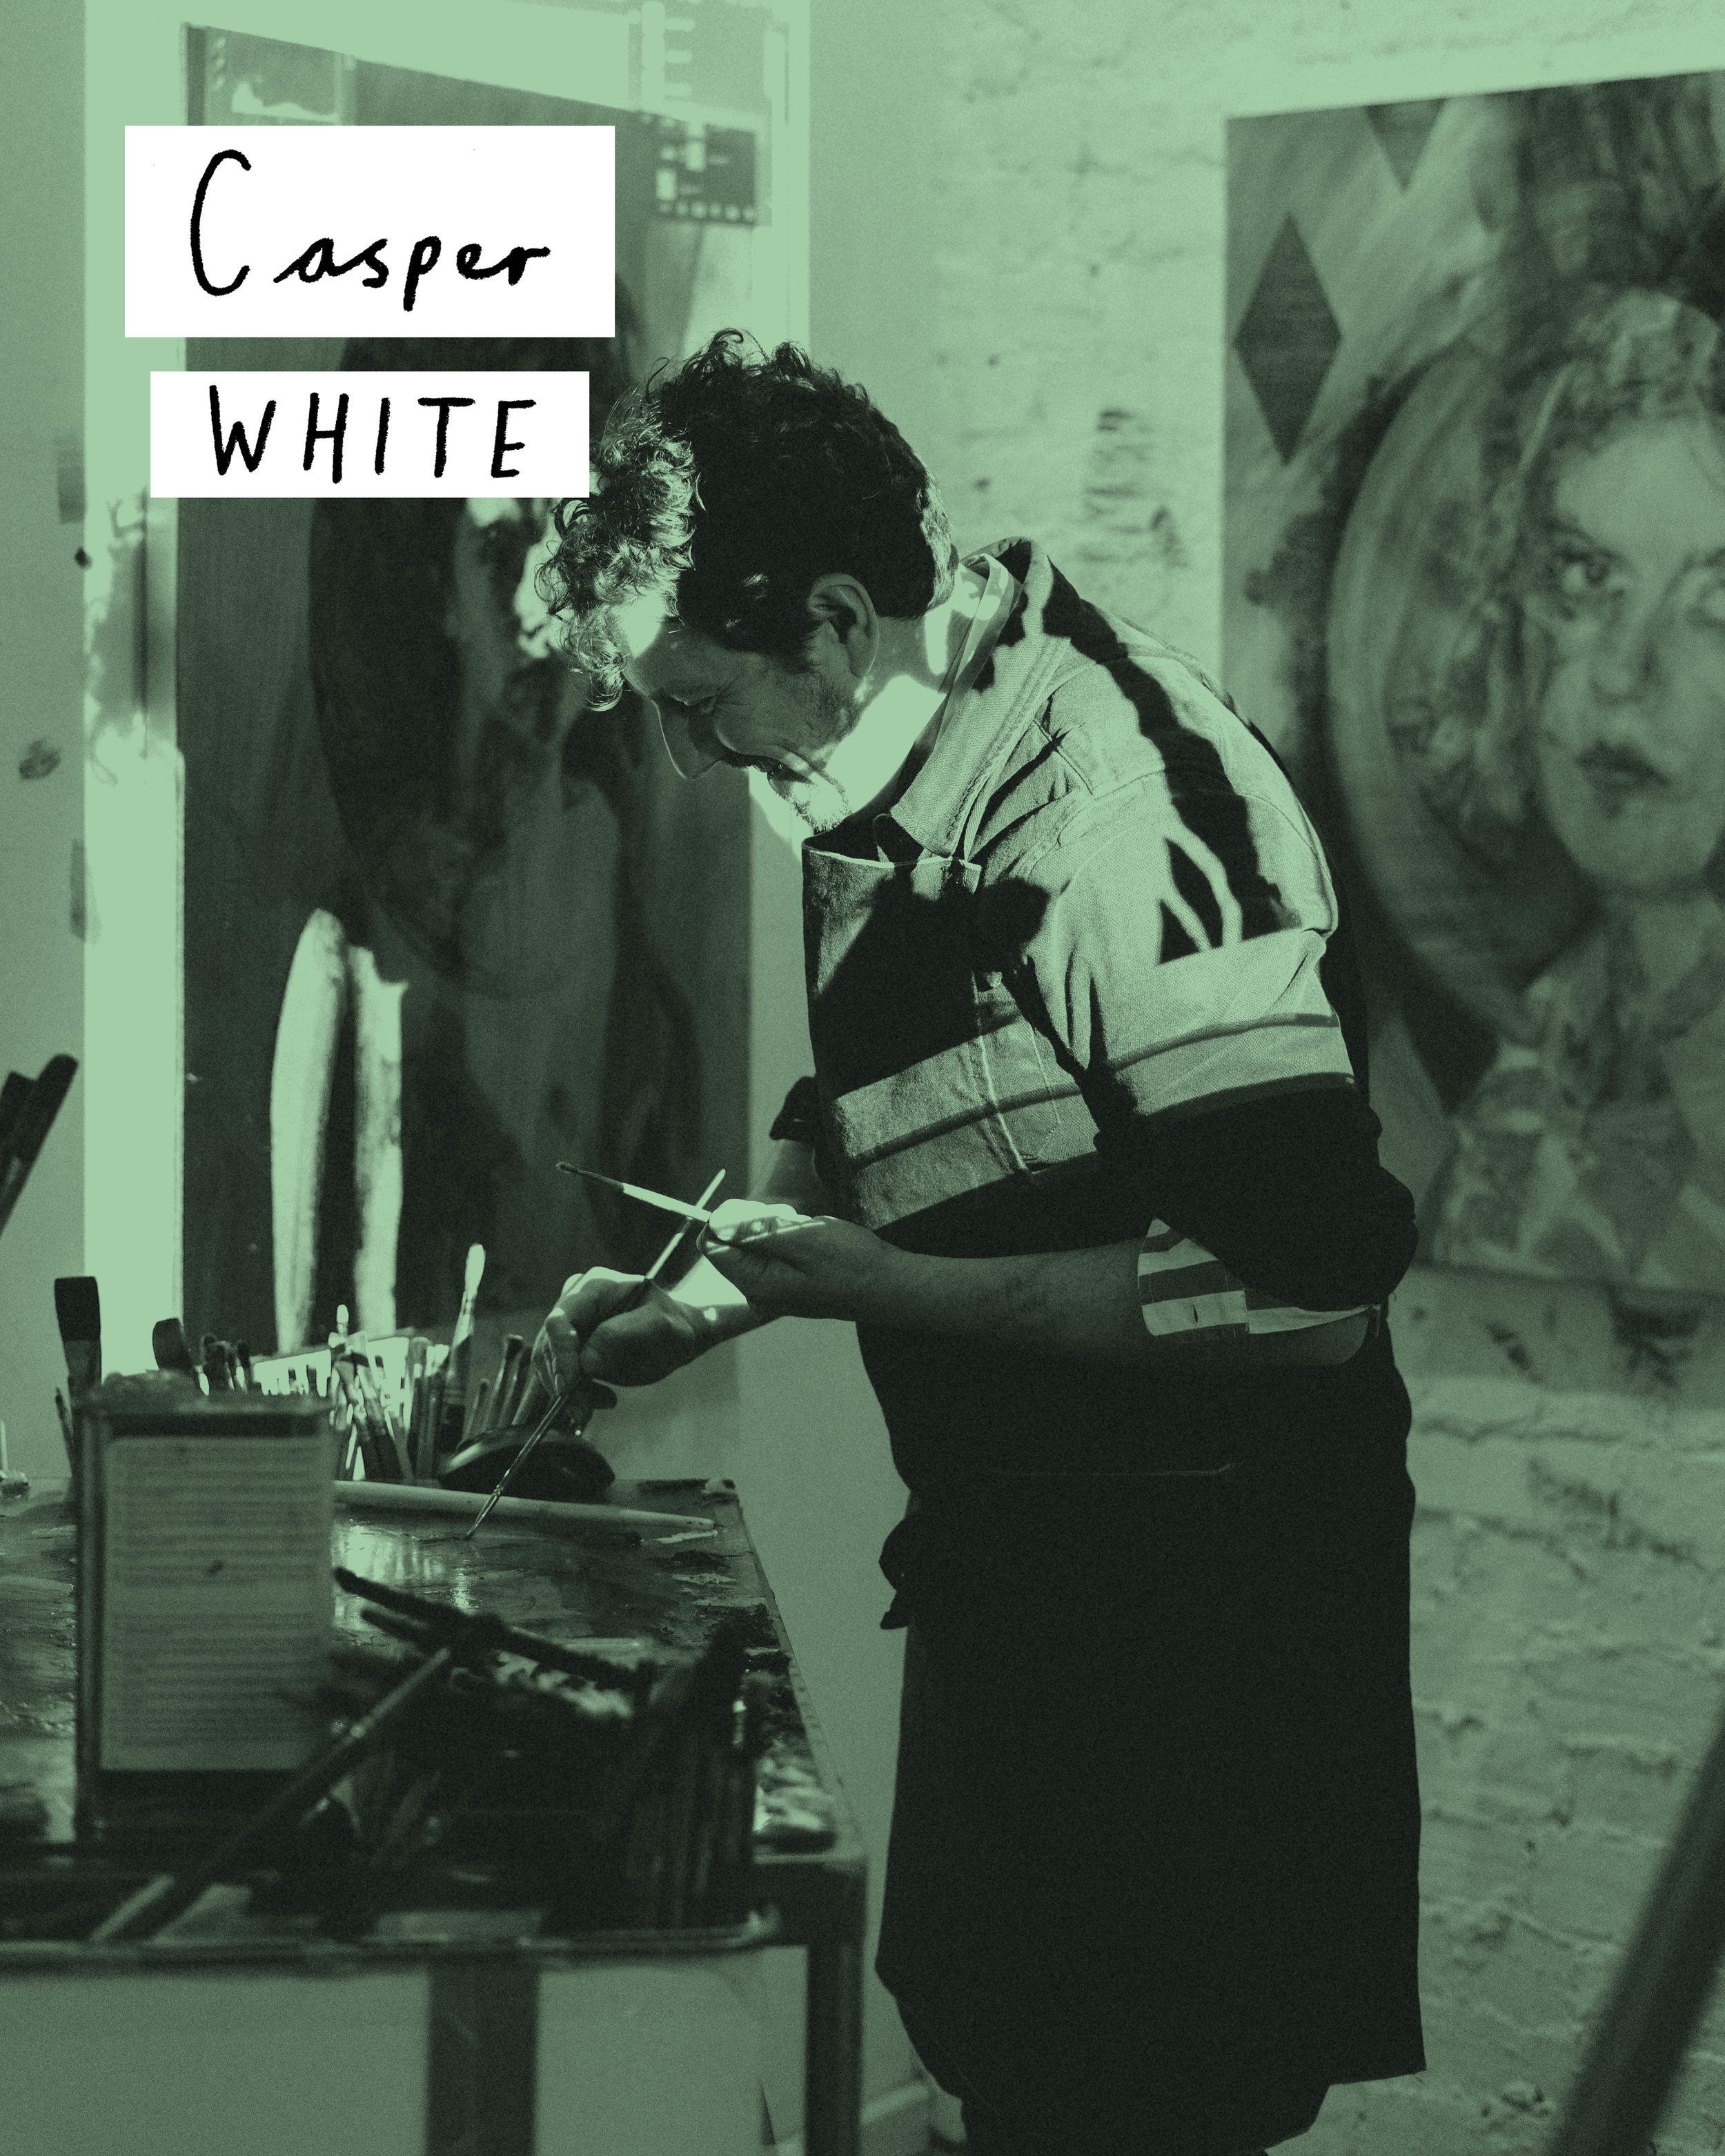 Casper White Cover Image.jpg